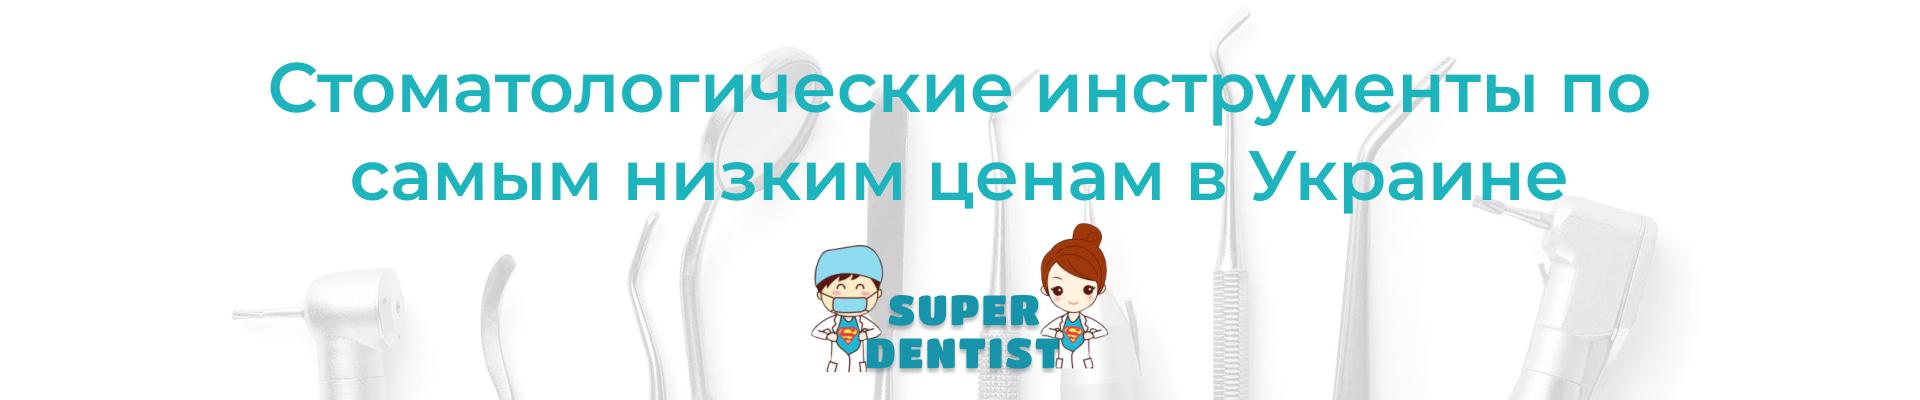 стоматологический инструментарий в Украине (стомат інструменти)